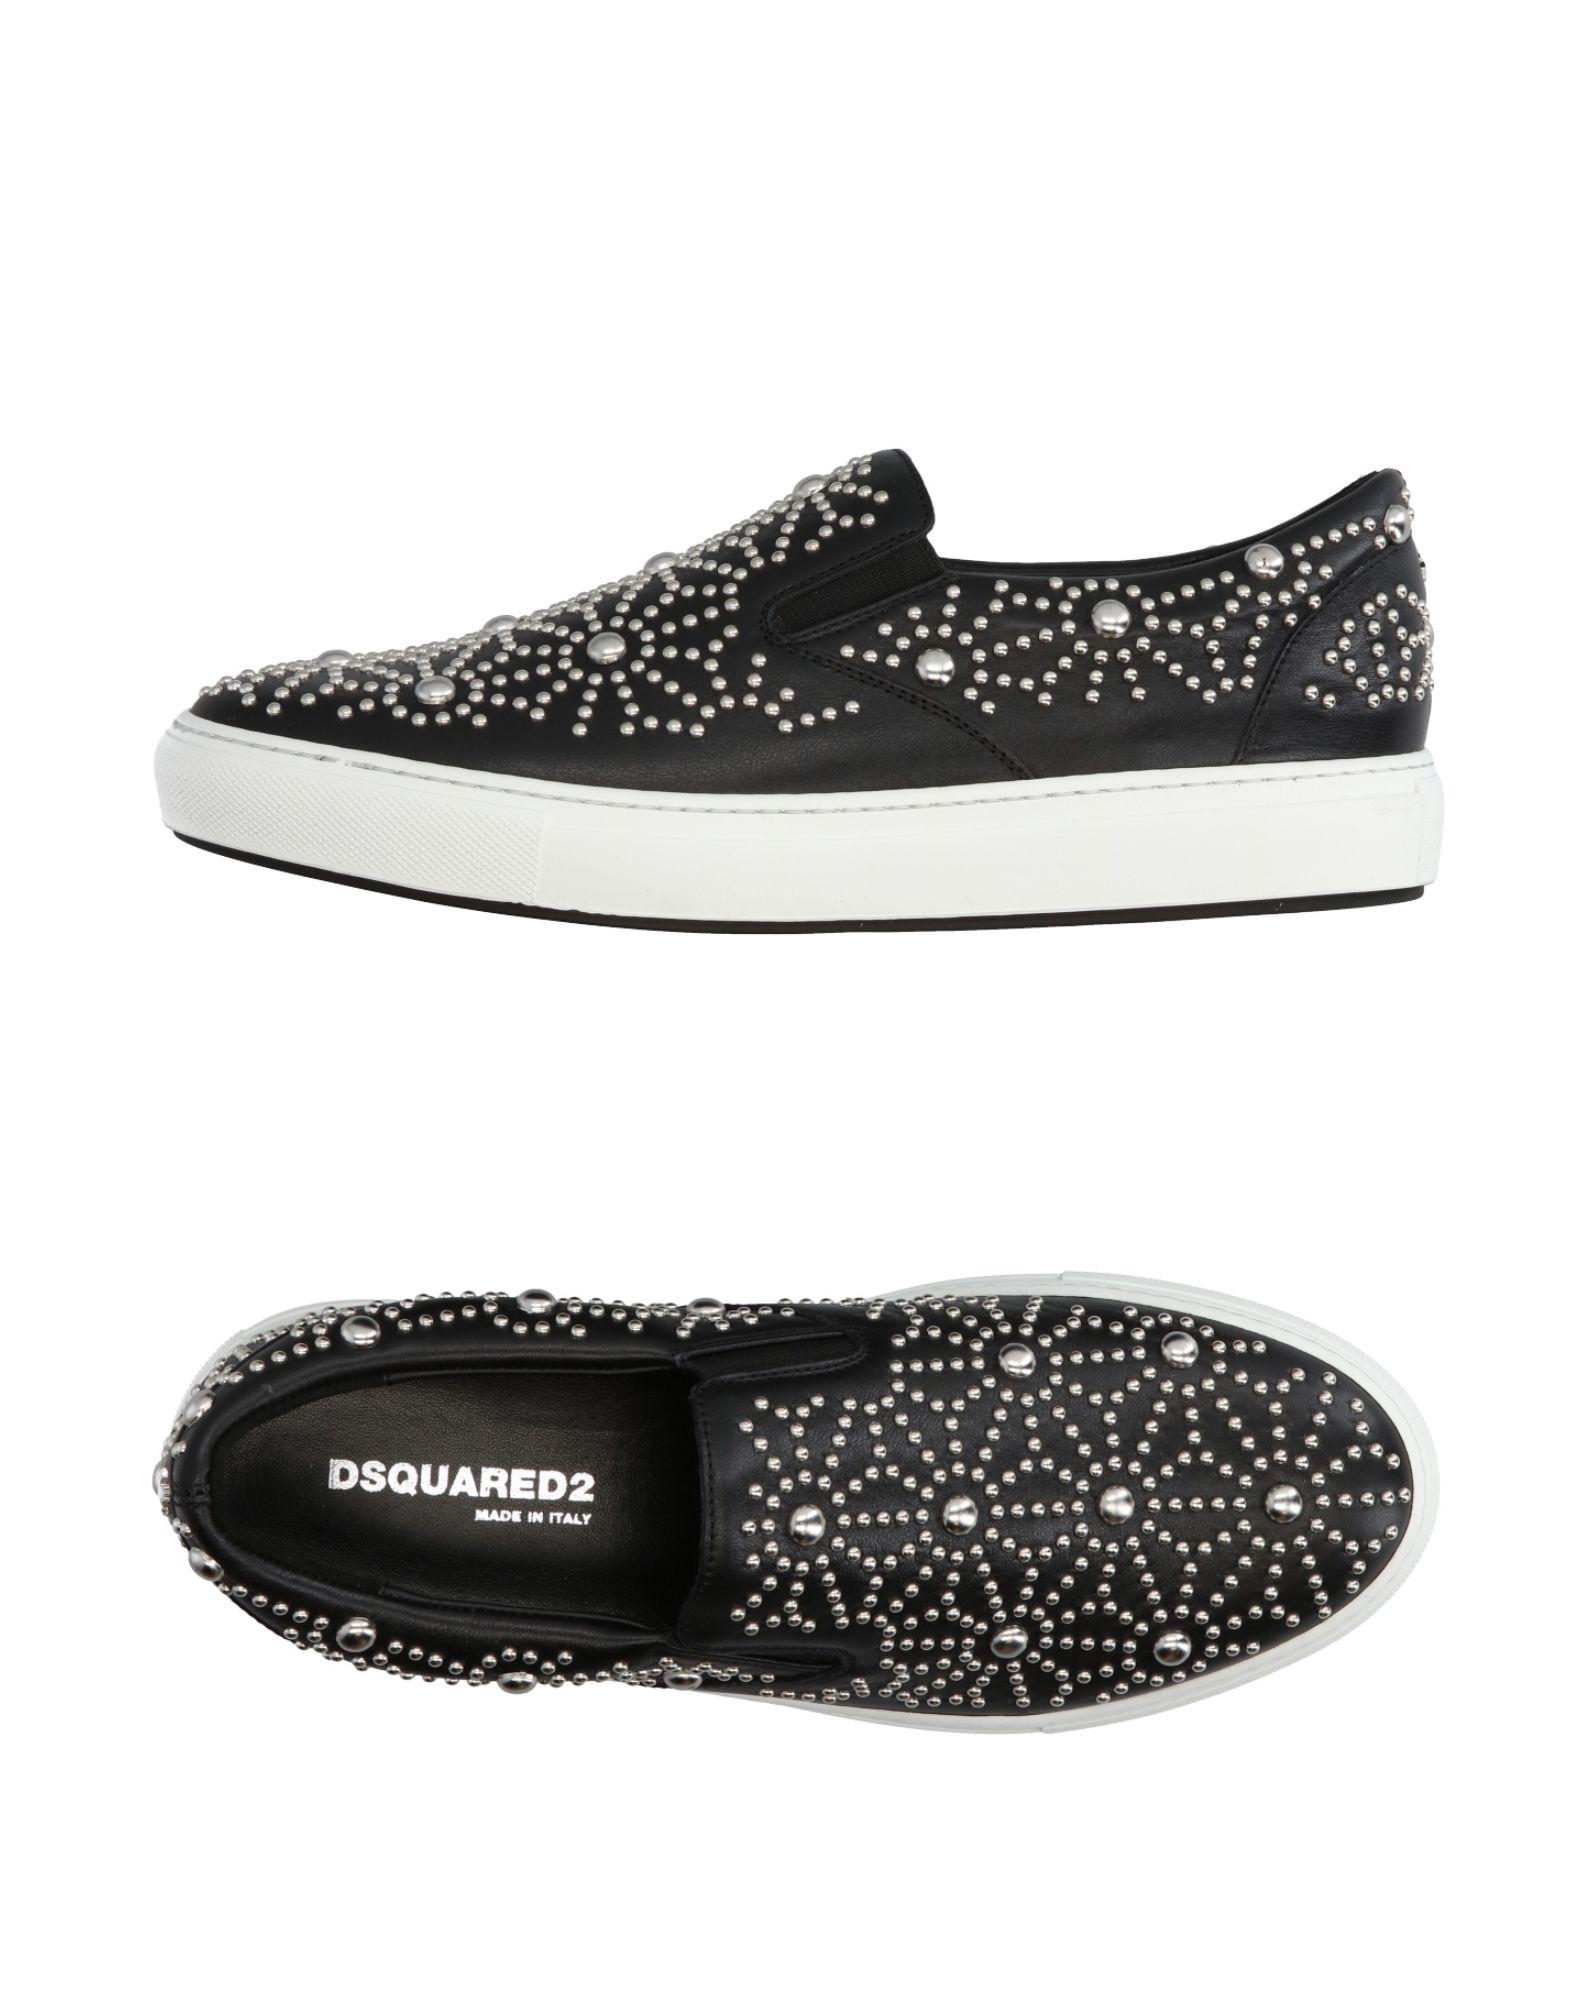 Moda Sneakers Dsquared2 Uomo - 11298707WJ 11298707WJ - 4dd52f